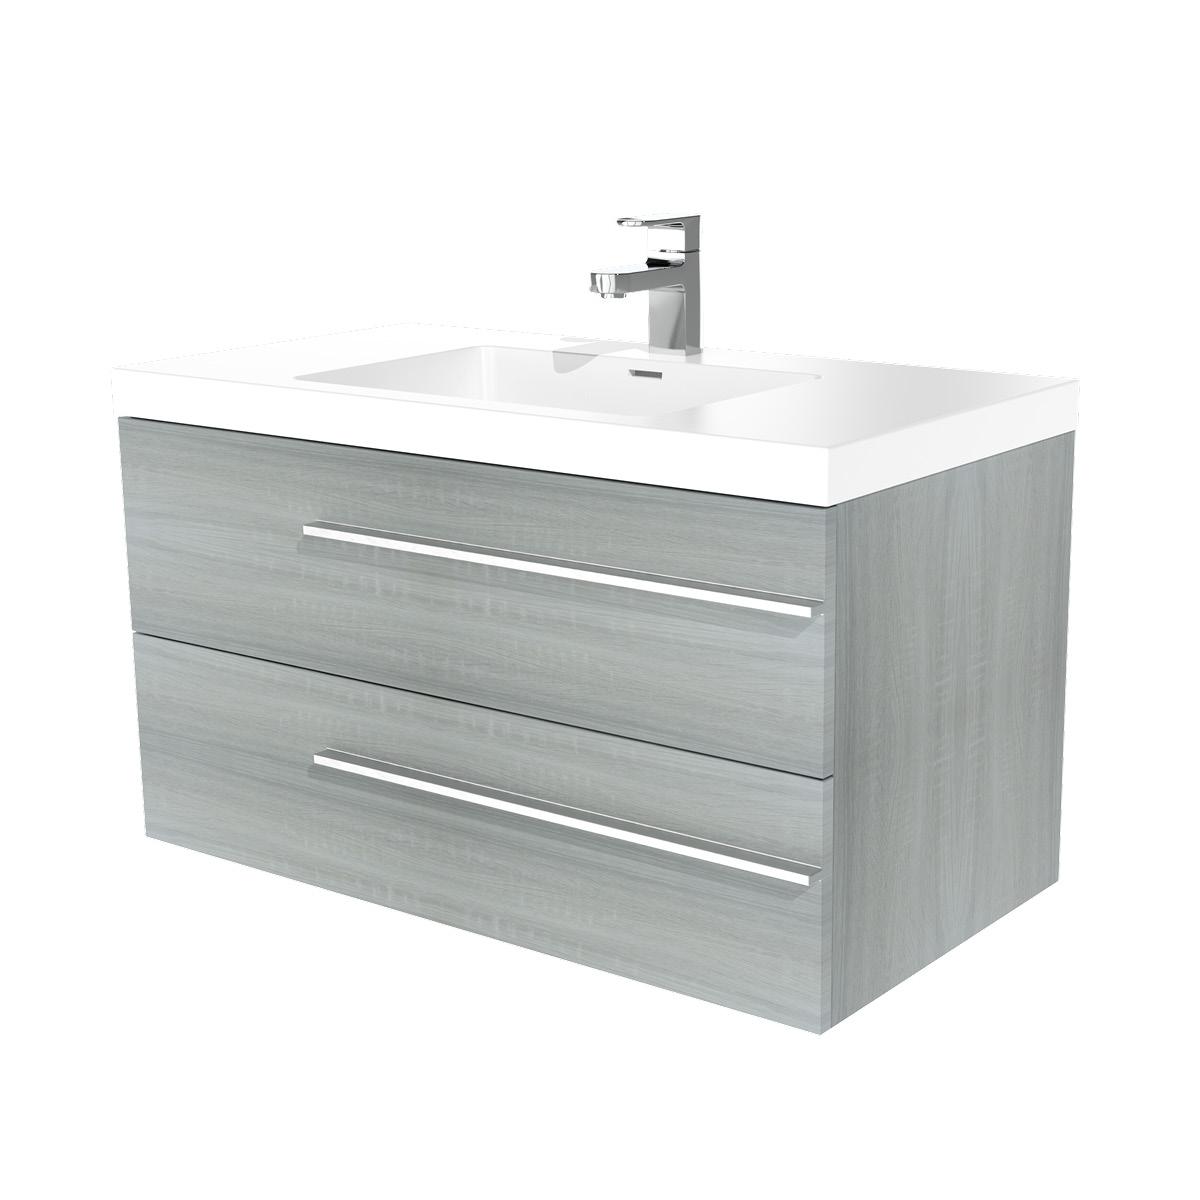 wien waschtisch 100 cm wildeiche badewelt badezimmer m bel. Black Bedroom Furniture Sets. Home Design Ideas